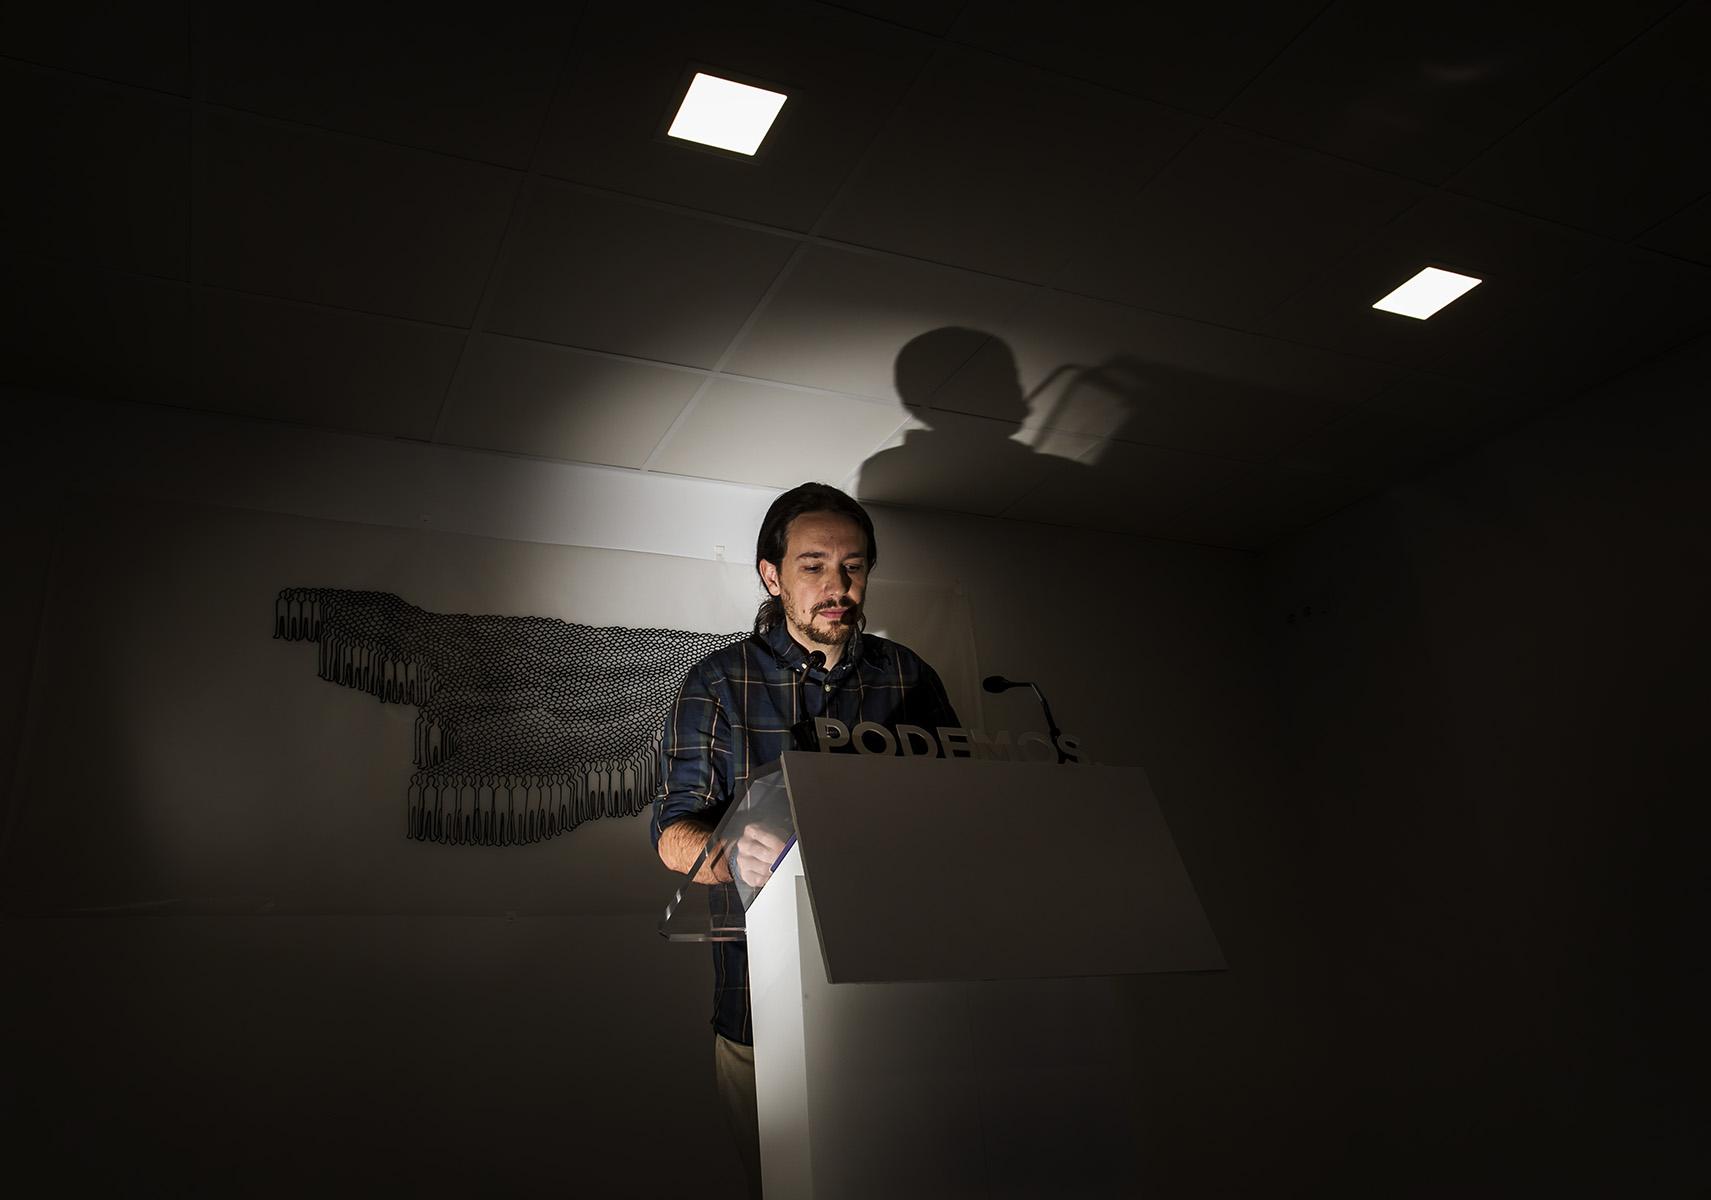 Rueda de Prensa de Pablo Iglesias para valorar los Resultados Electorales de Podemos despues de las Elecciones Municipales 2015© Alberto R. Roldan / La Razon28 05 2015